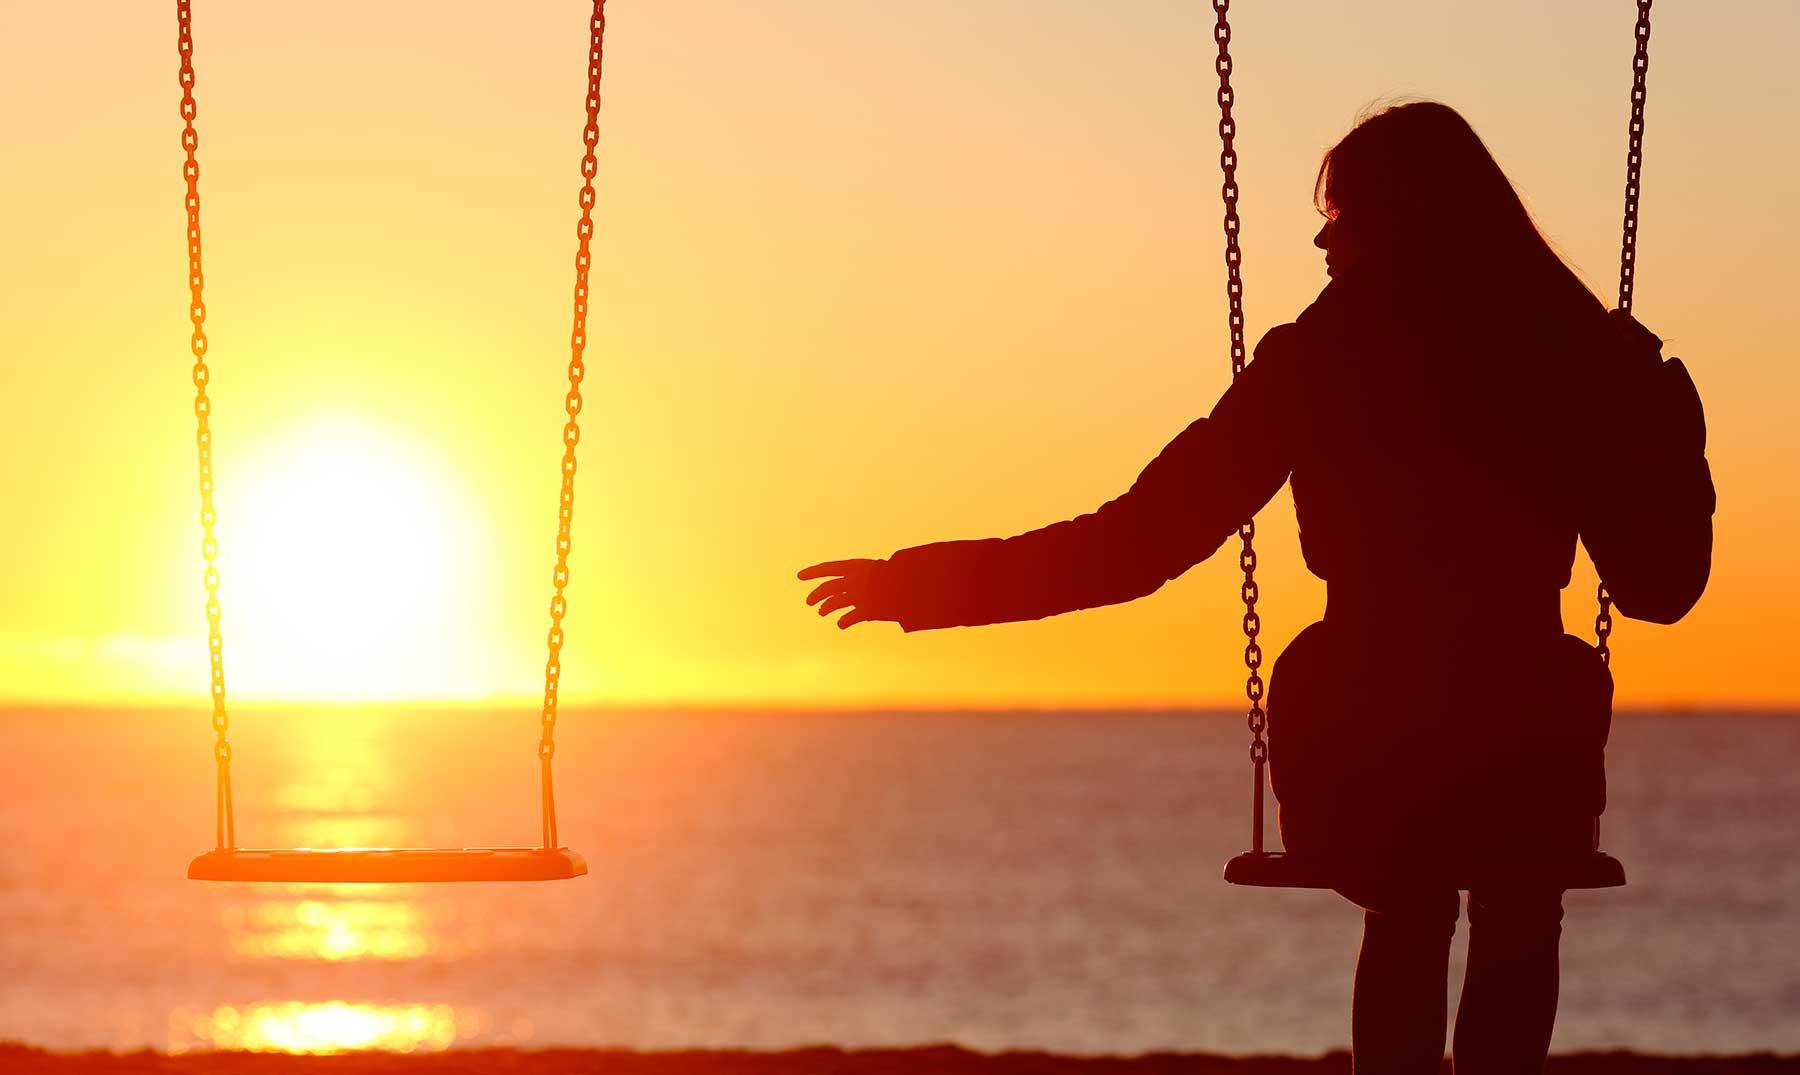 100 Frases De Duelo Para Afrontar Una Pérdida Dolorosa